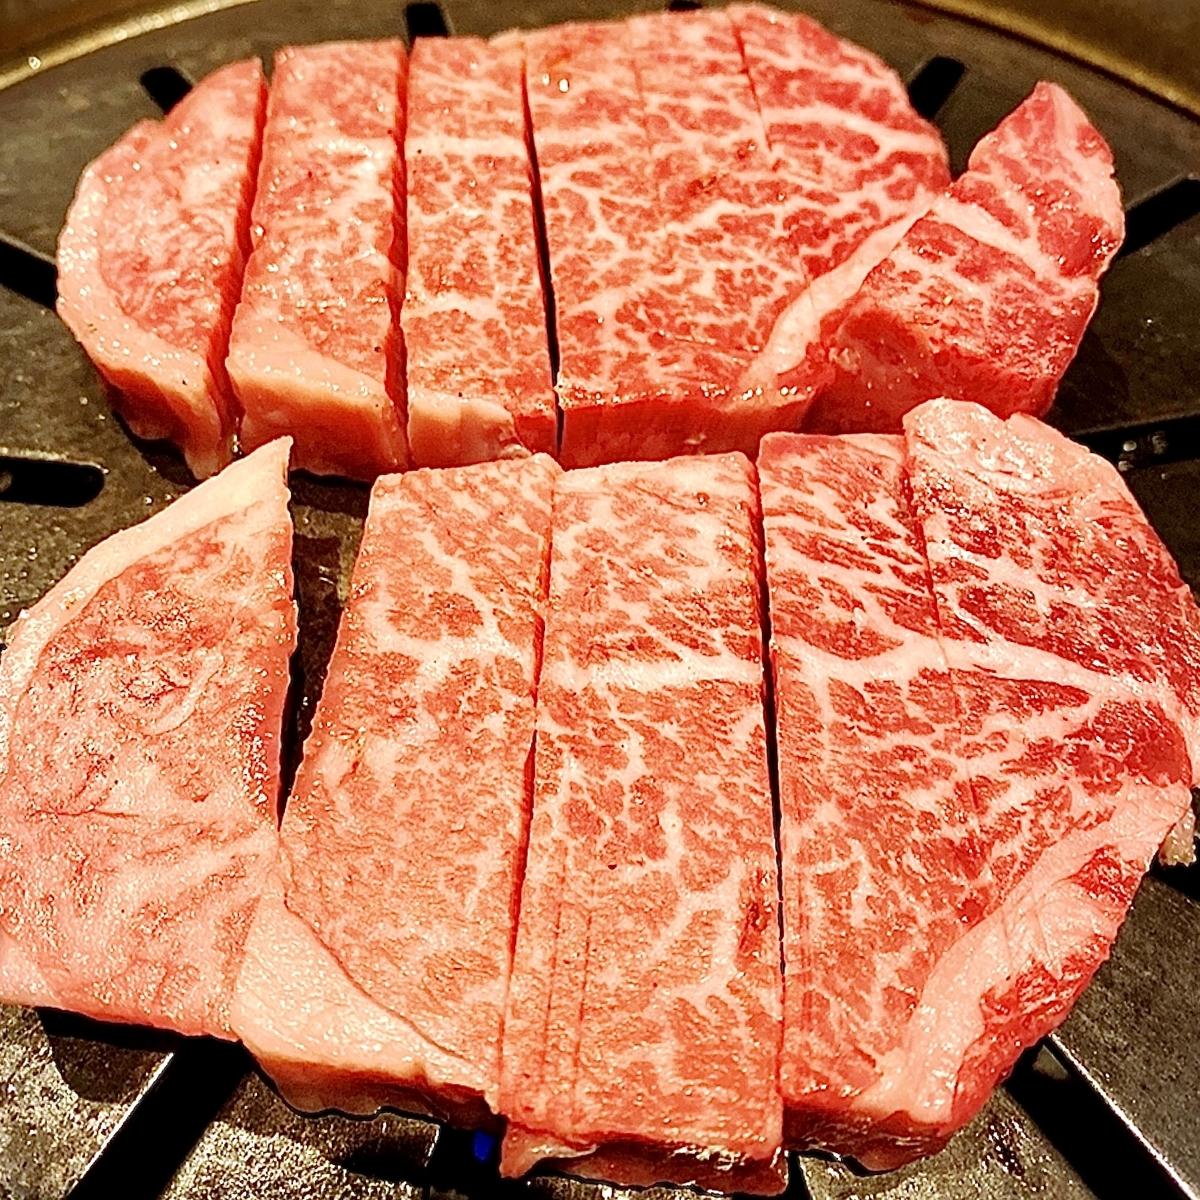 高級感のある雰囲気の中!薩摩黒毛和牛の焼肉を堪能できるお店